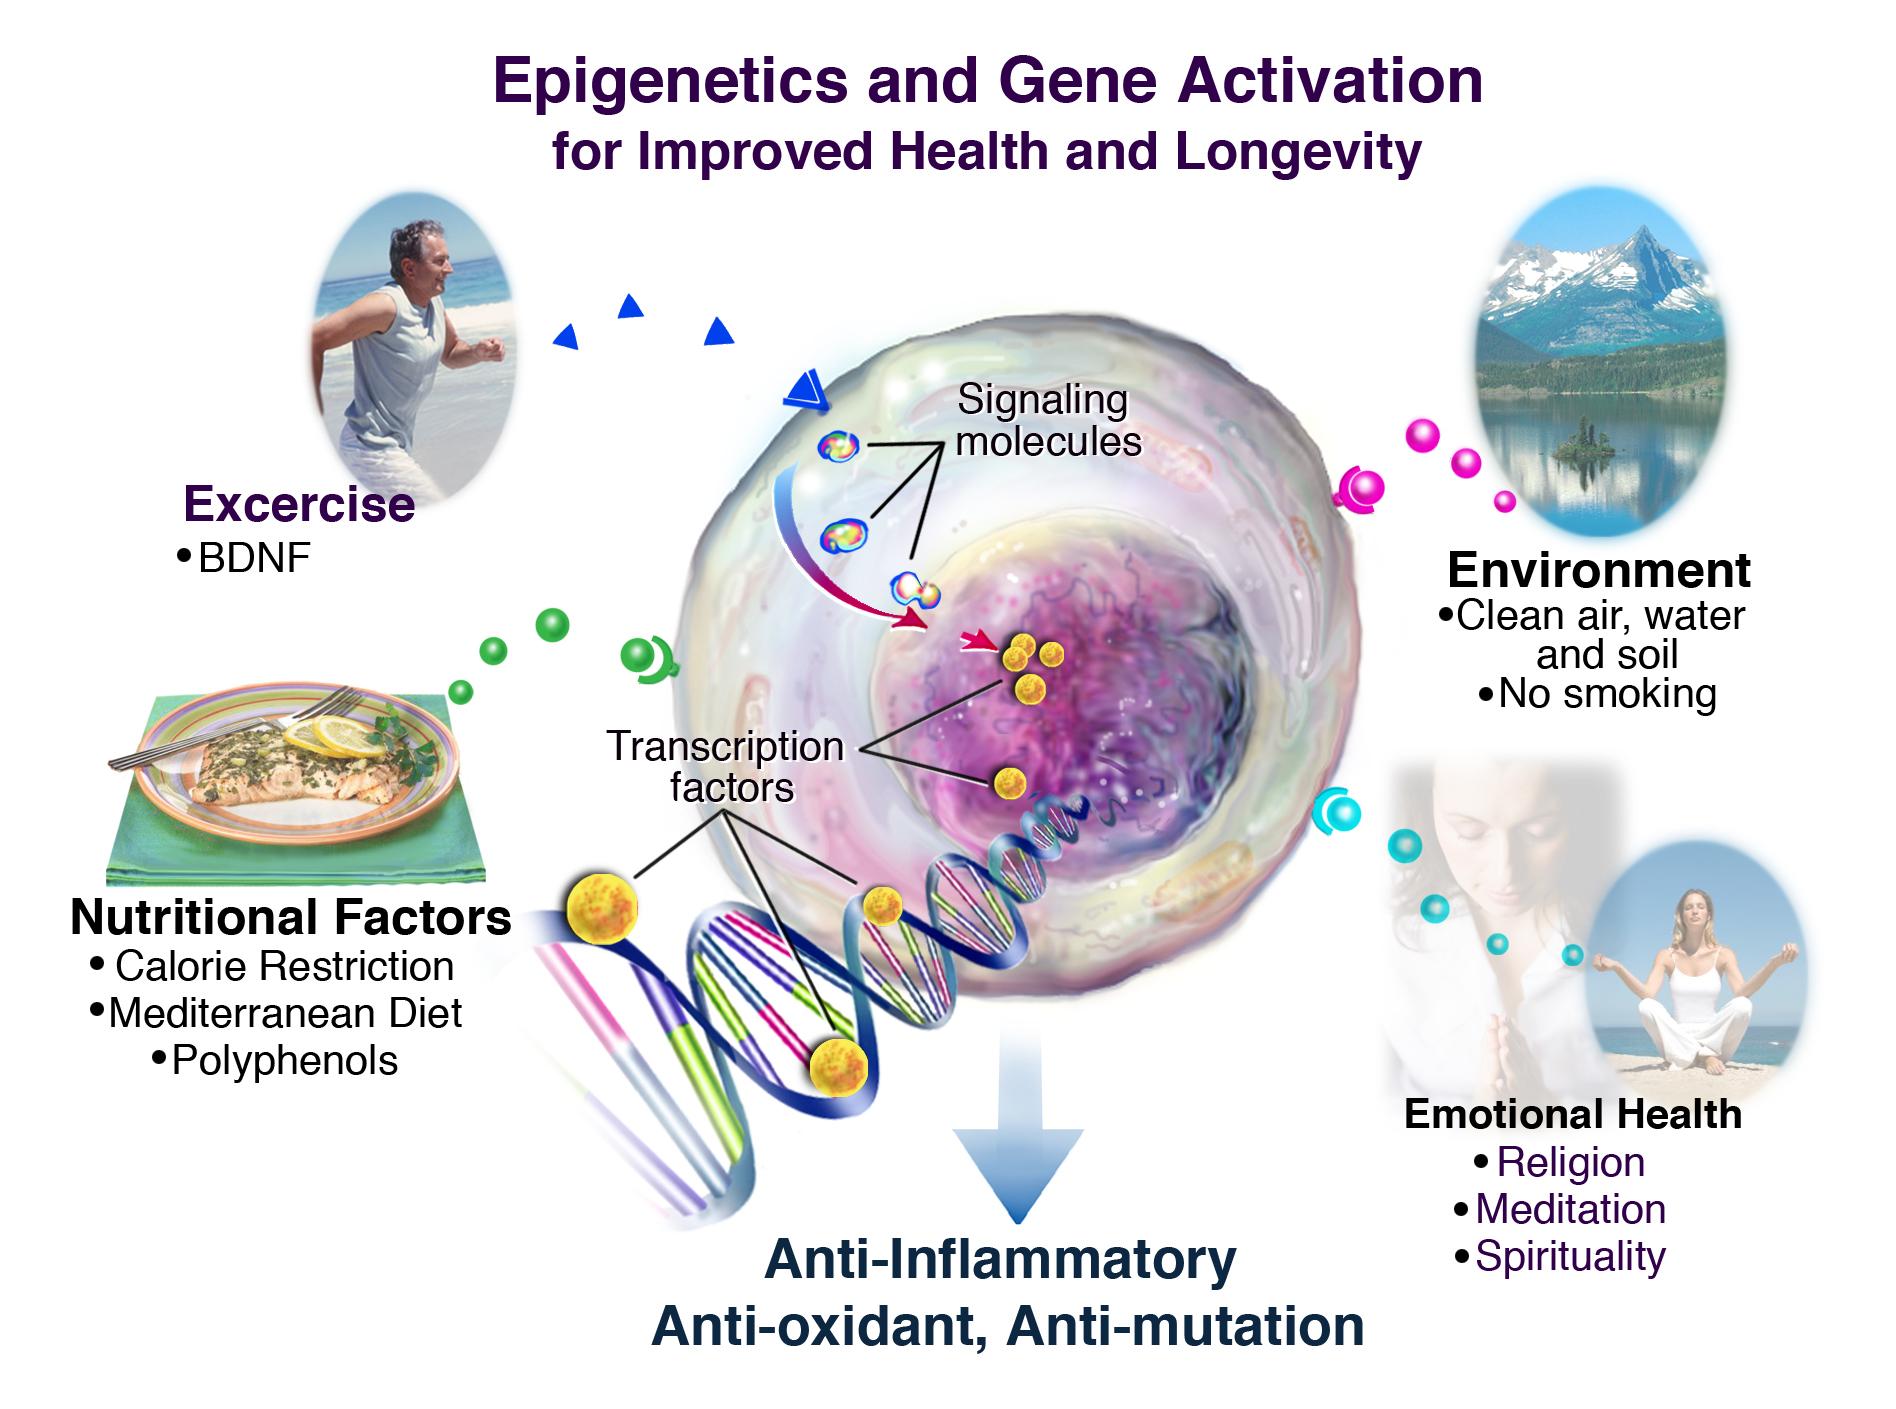 Внешние факторы, положительно влияющие на здоровье с помощью эпигенетики